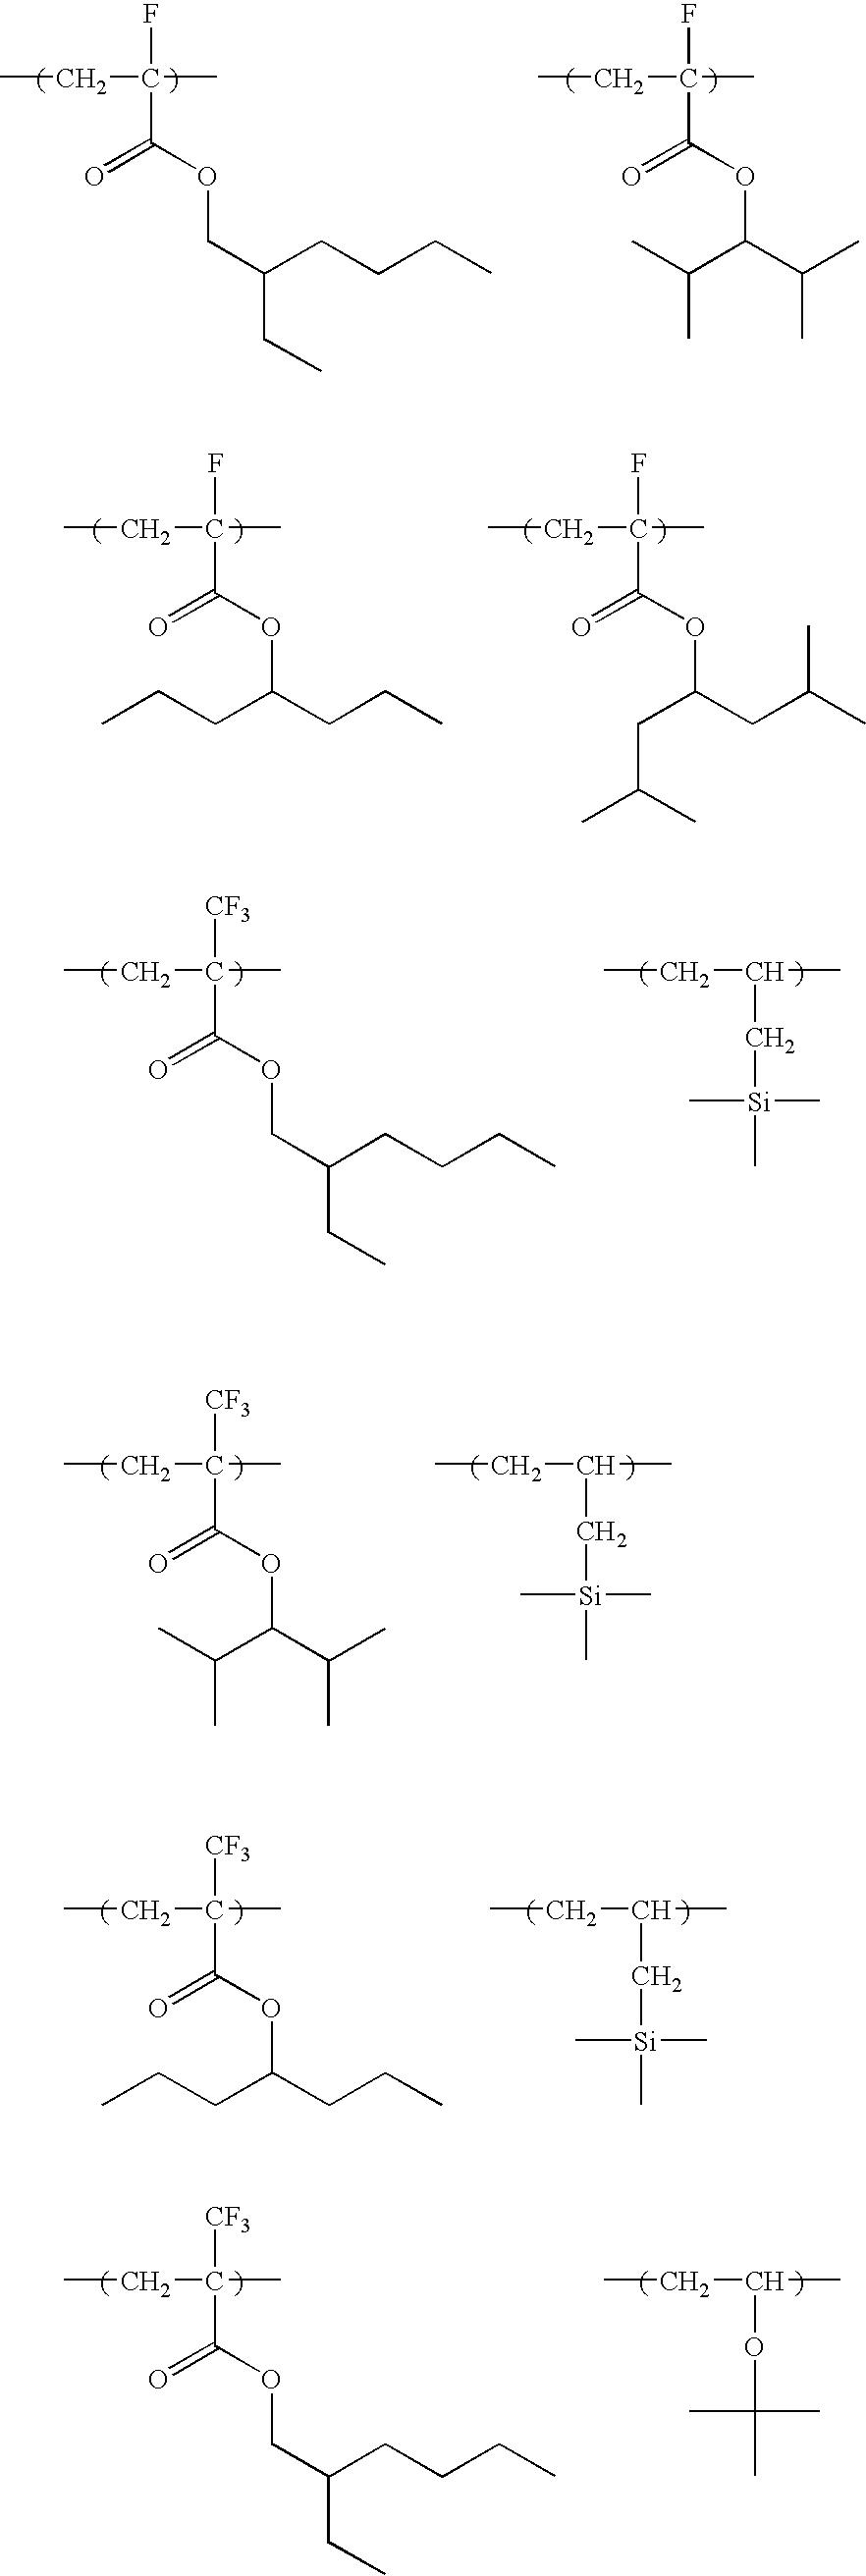 Figure US07985534-20110726-C00075